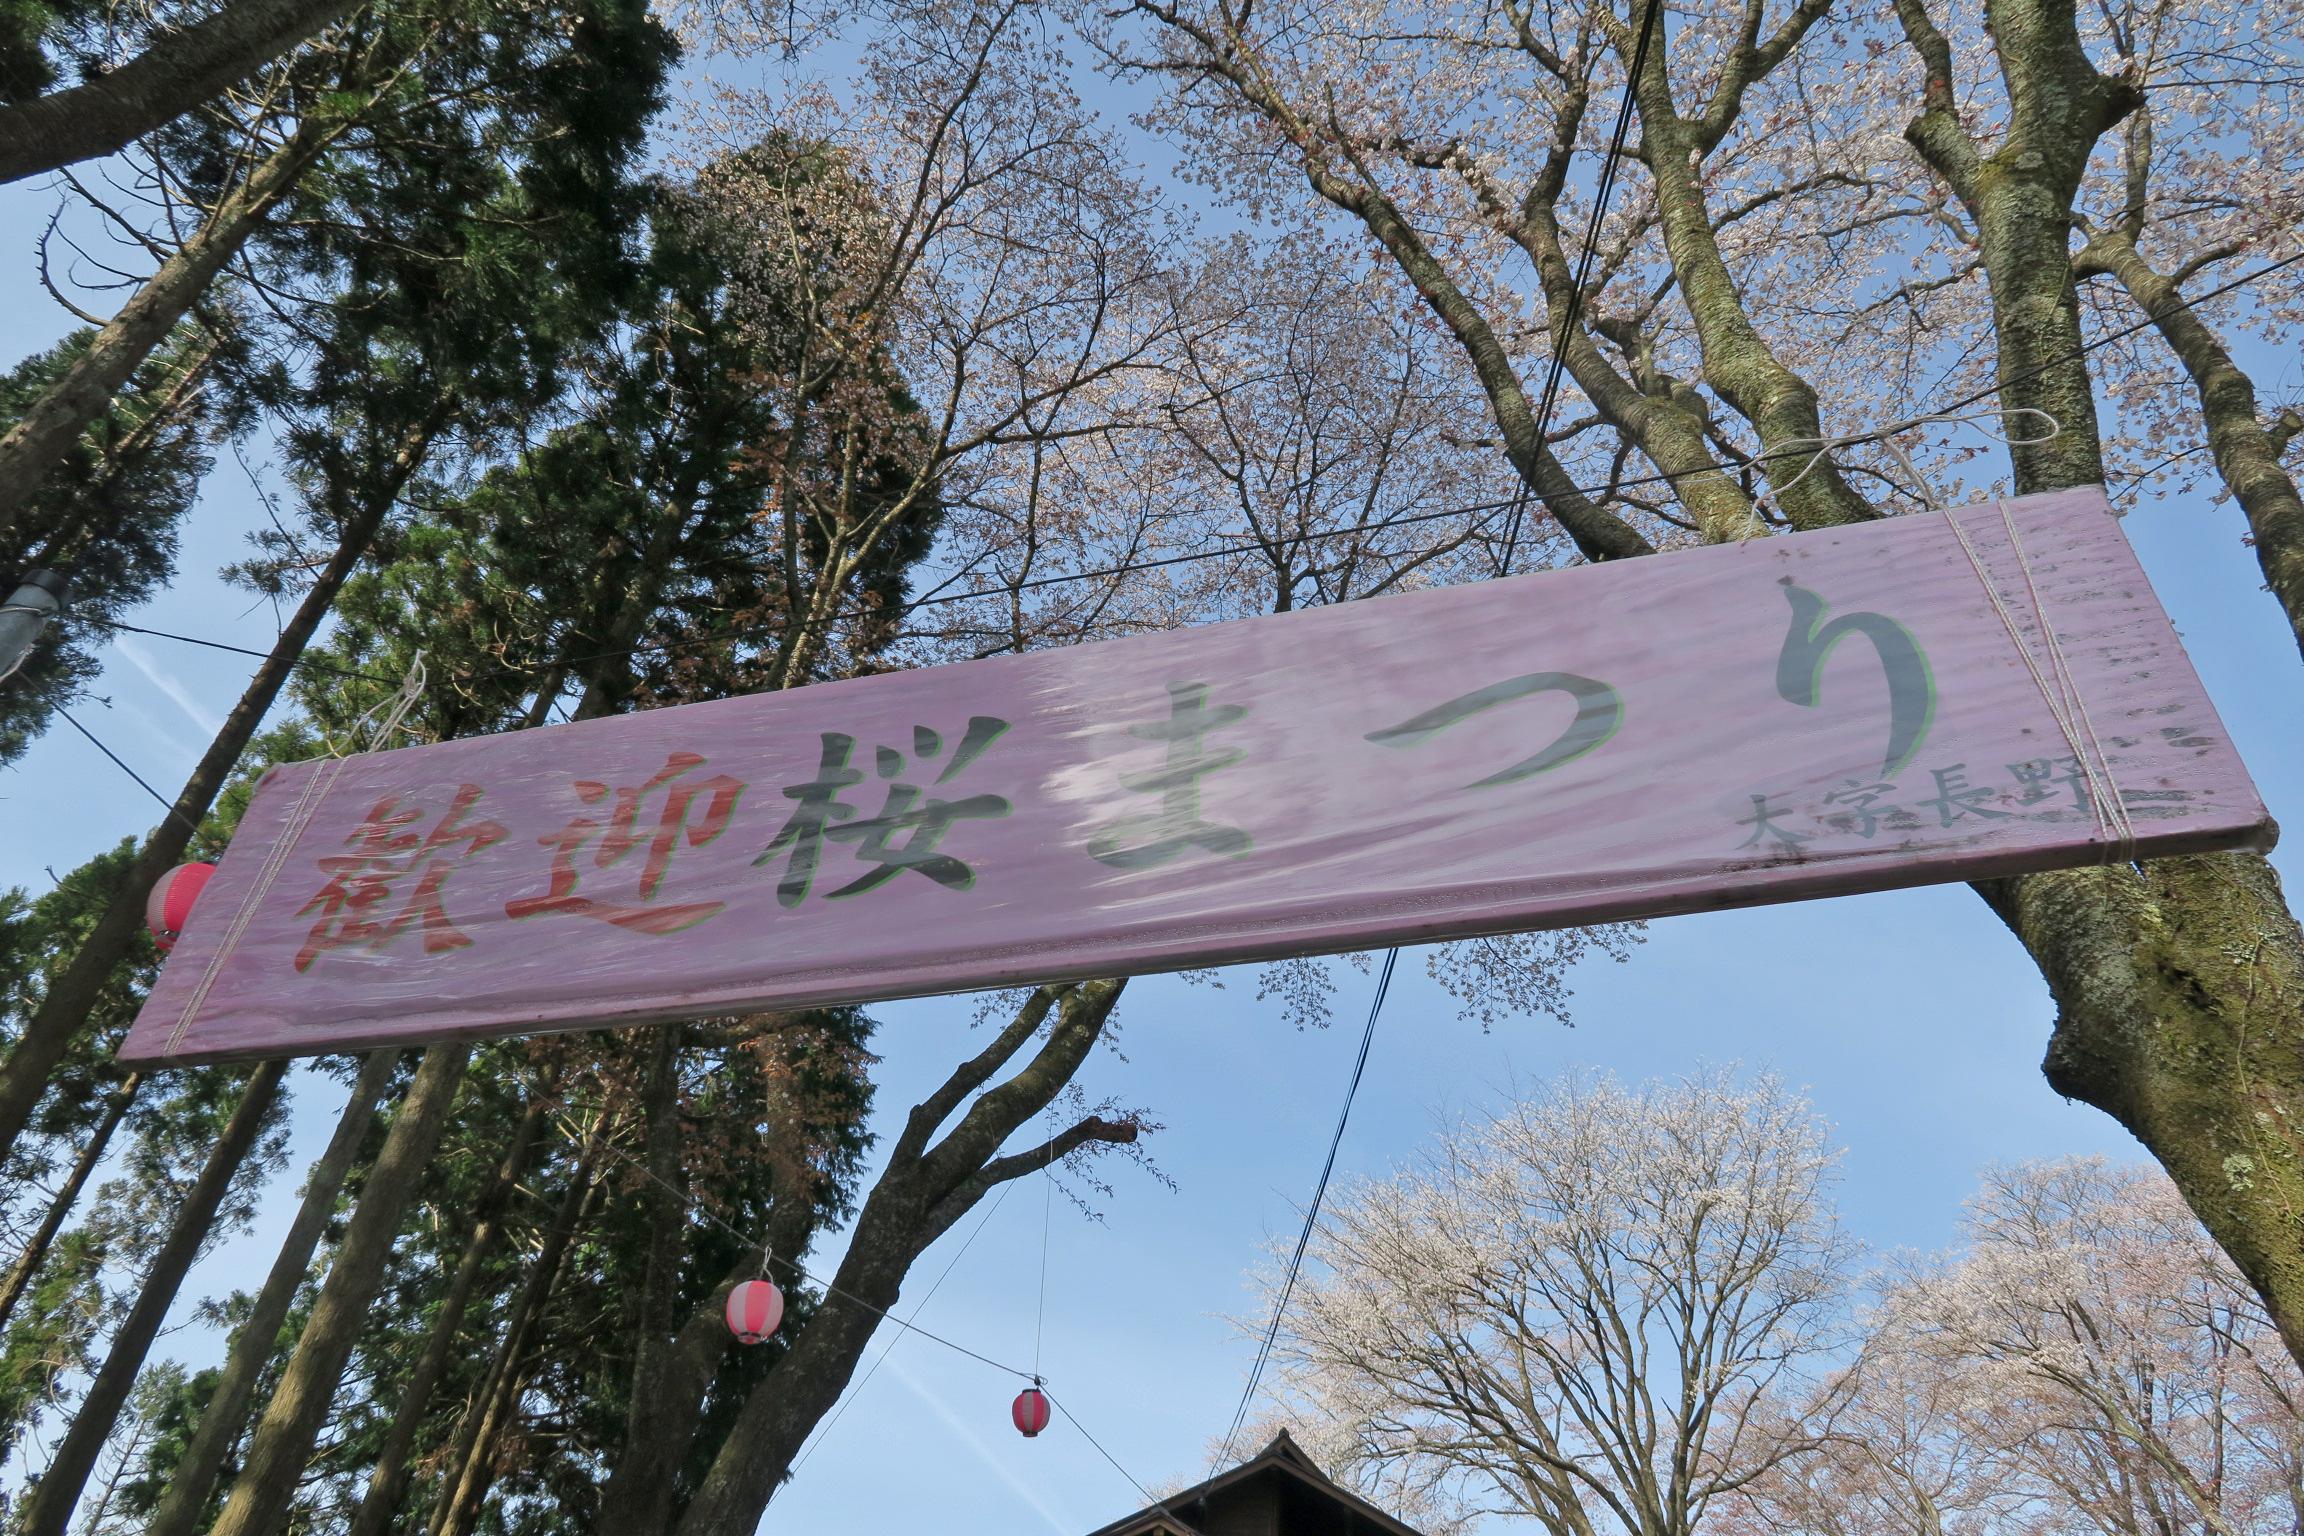 屏風岩公苑の入口。 「歓迎 桜まつり」の案内看板。